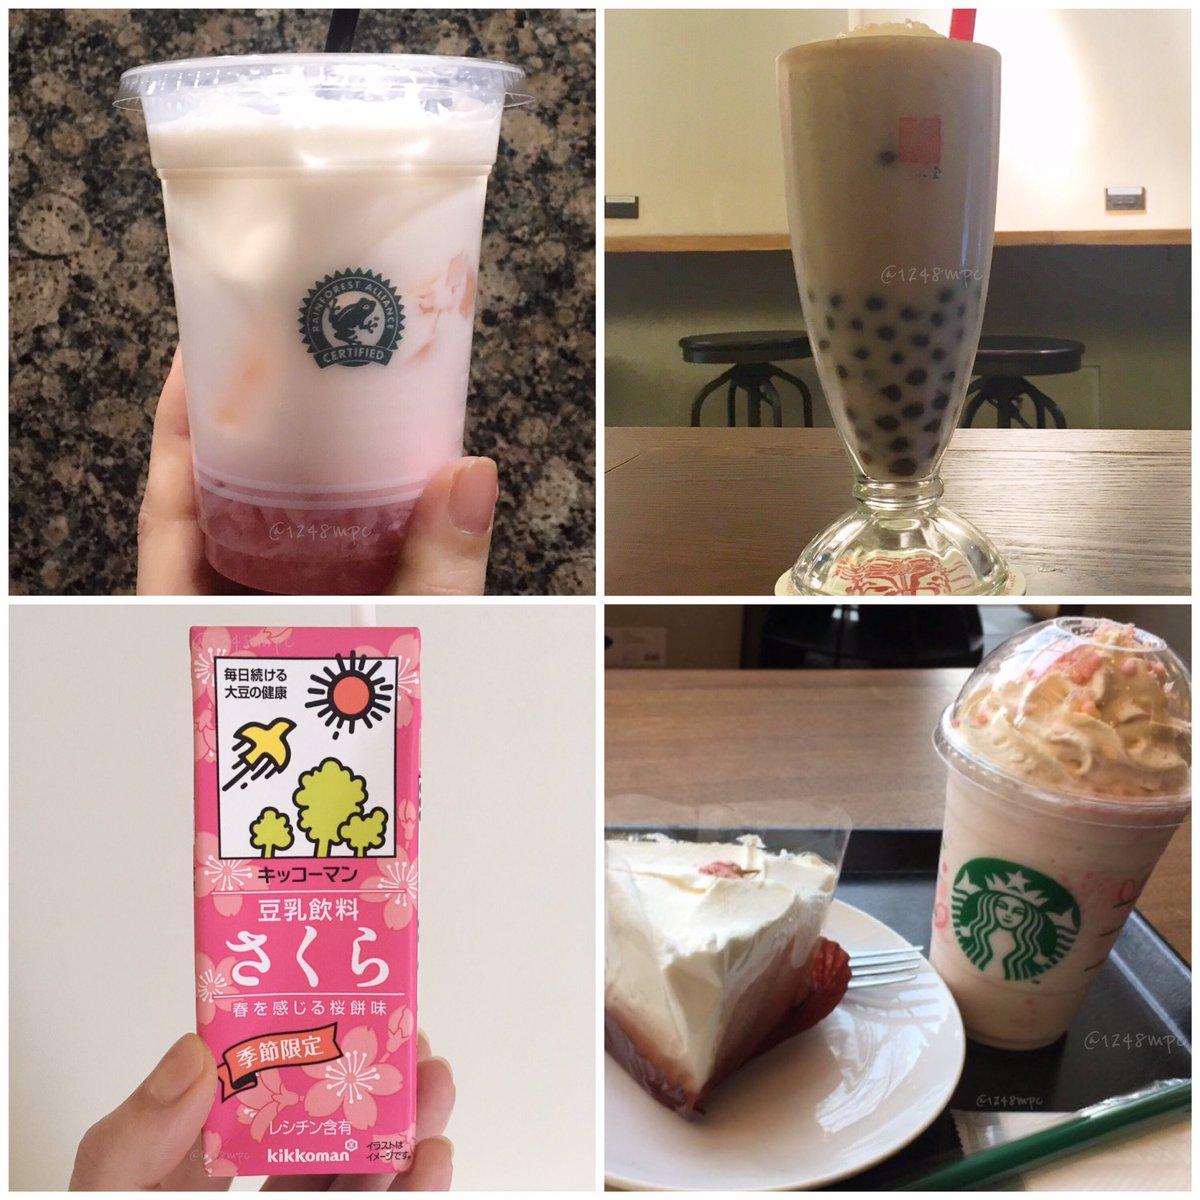 桜ゼリーラテ@ローソン タピオカ桜ミルクティー@春水堂 豆乳 さくら@キッコーマン さくらフルフラペチーノ&SAKURAFULシフォンケーキ@スタバ 豆乳が一番好き今年は近くのスーパーになくアマゾンで箱買い #1248おやつ #桜の飲み物 #桜のお菓子🌸